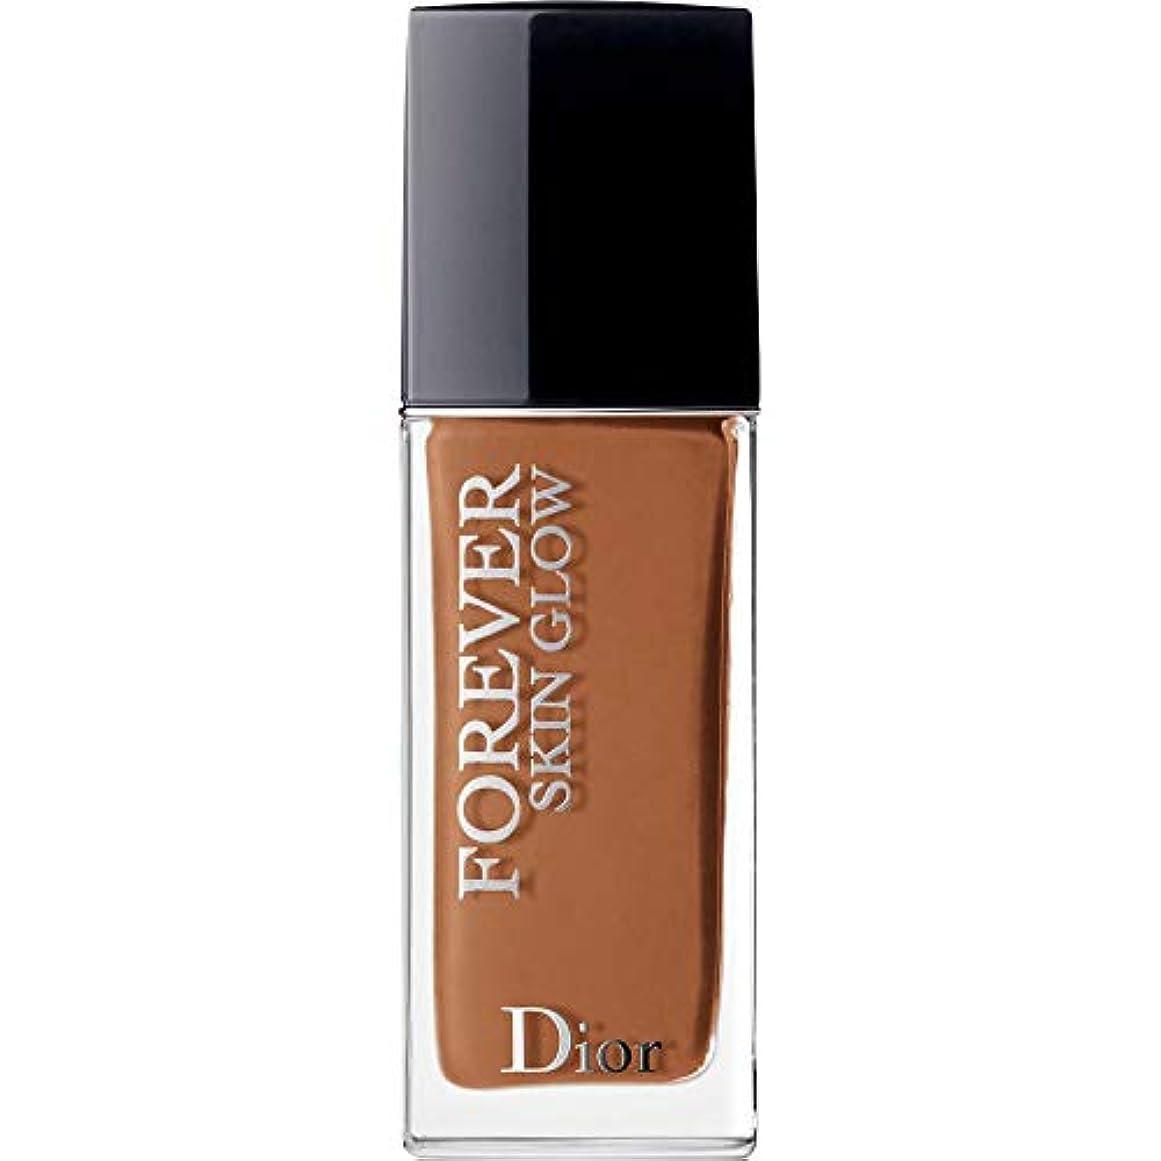 グローが欲しいスリップシューズ[Dior ] ディオール永遠に皮膚グロー皮膚思いやりの基礎Spf35 30ミリリットルの6N - ニュートラル(肌の輝き) - DIOR Forever Skin Glow Skin-Caring Foundation...